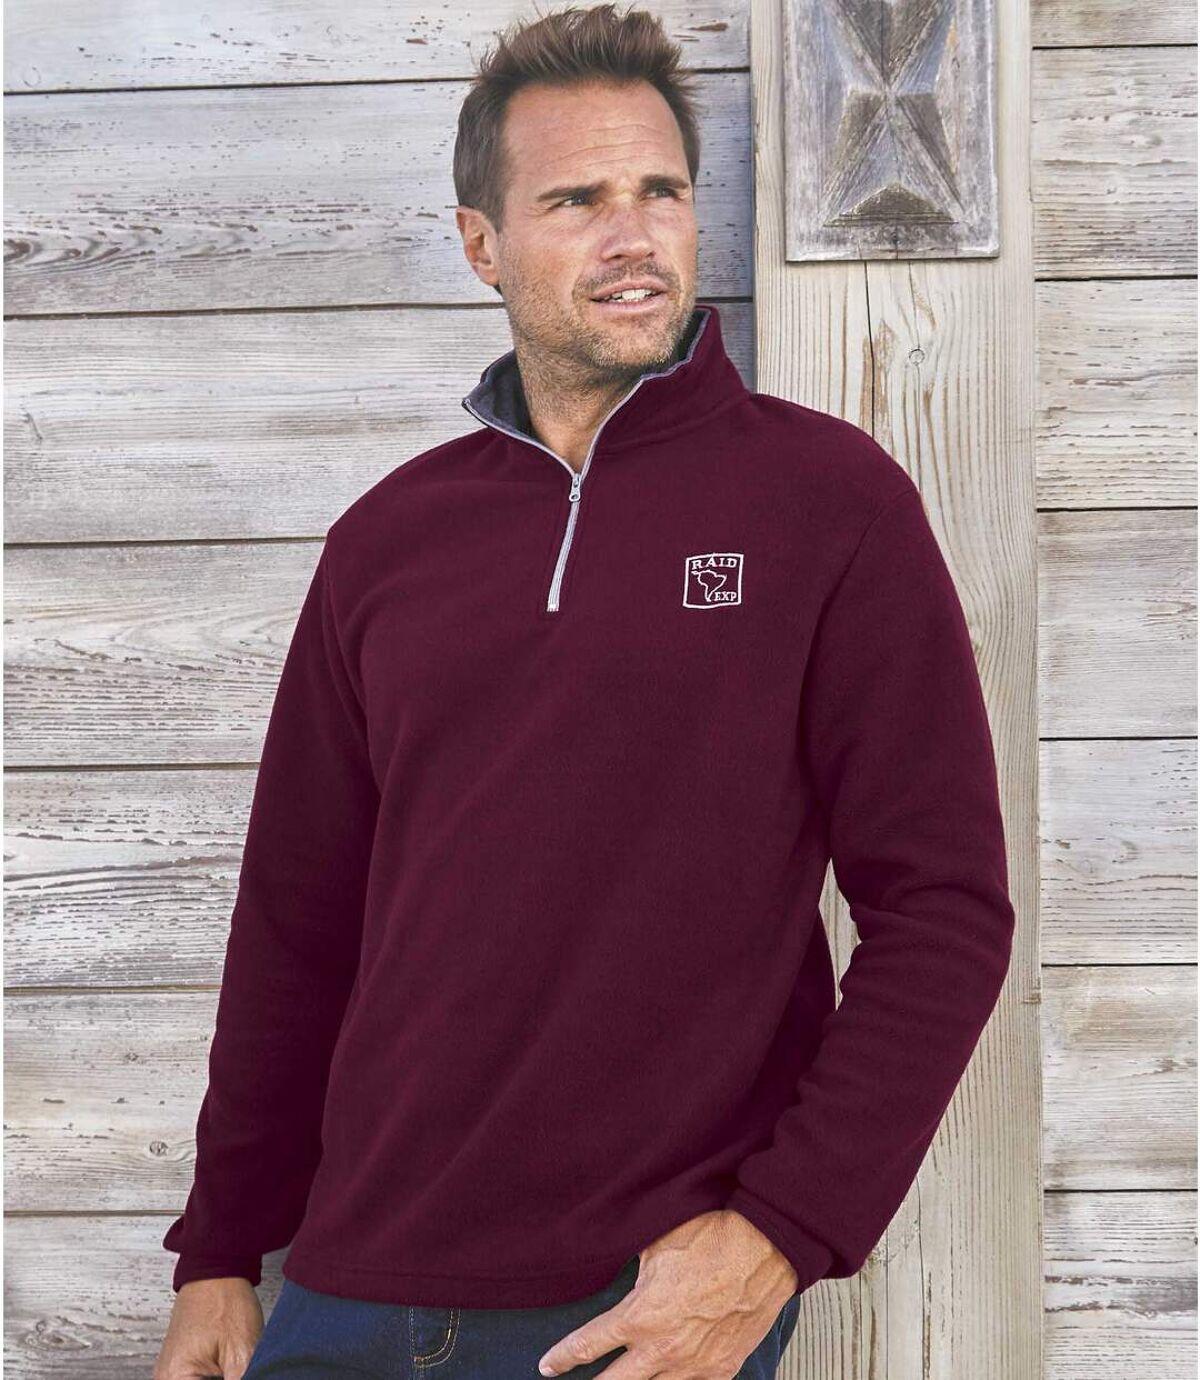 Pack of 2 Men's Microfleece Zip Up Sweaters - Plum Oatmeal Atlas For Men